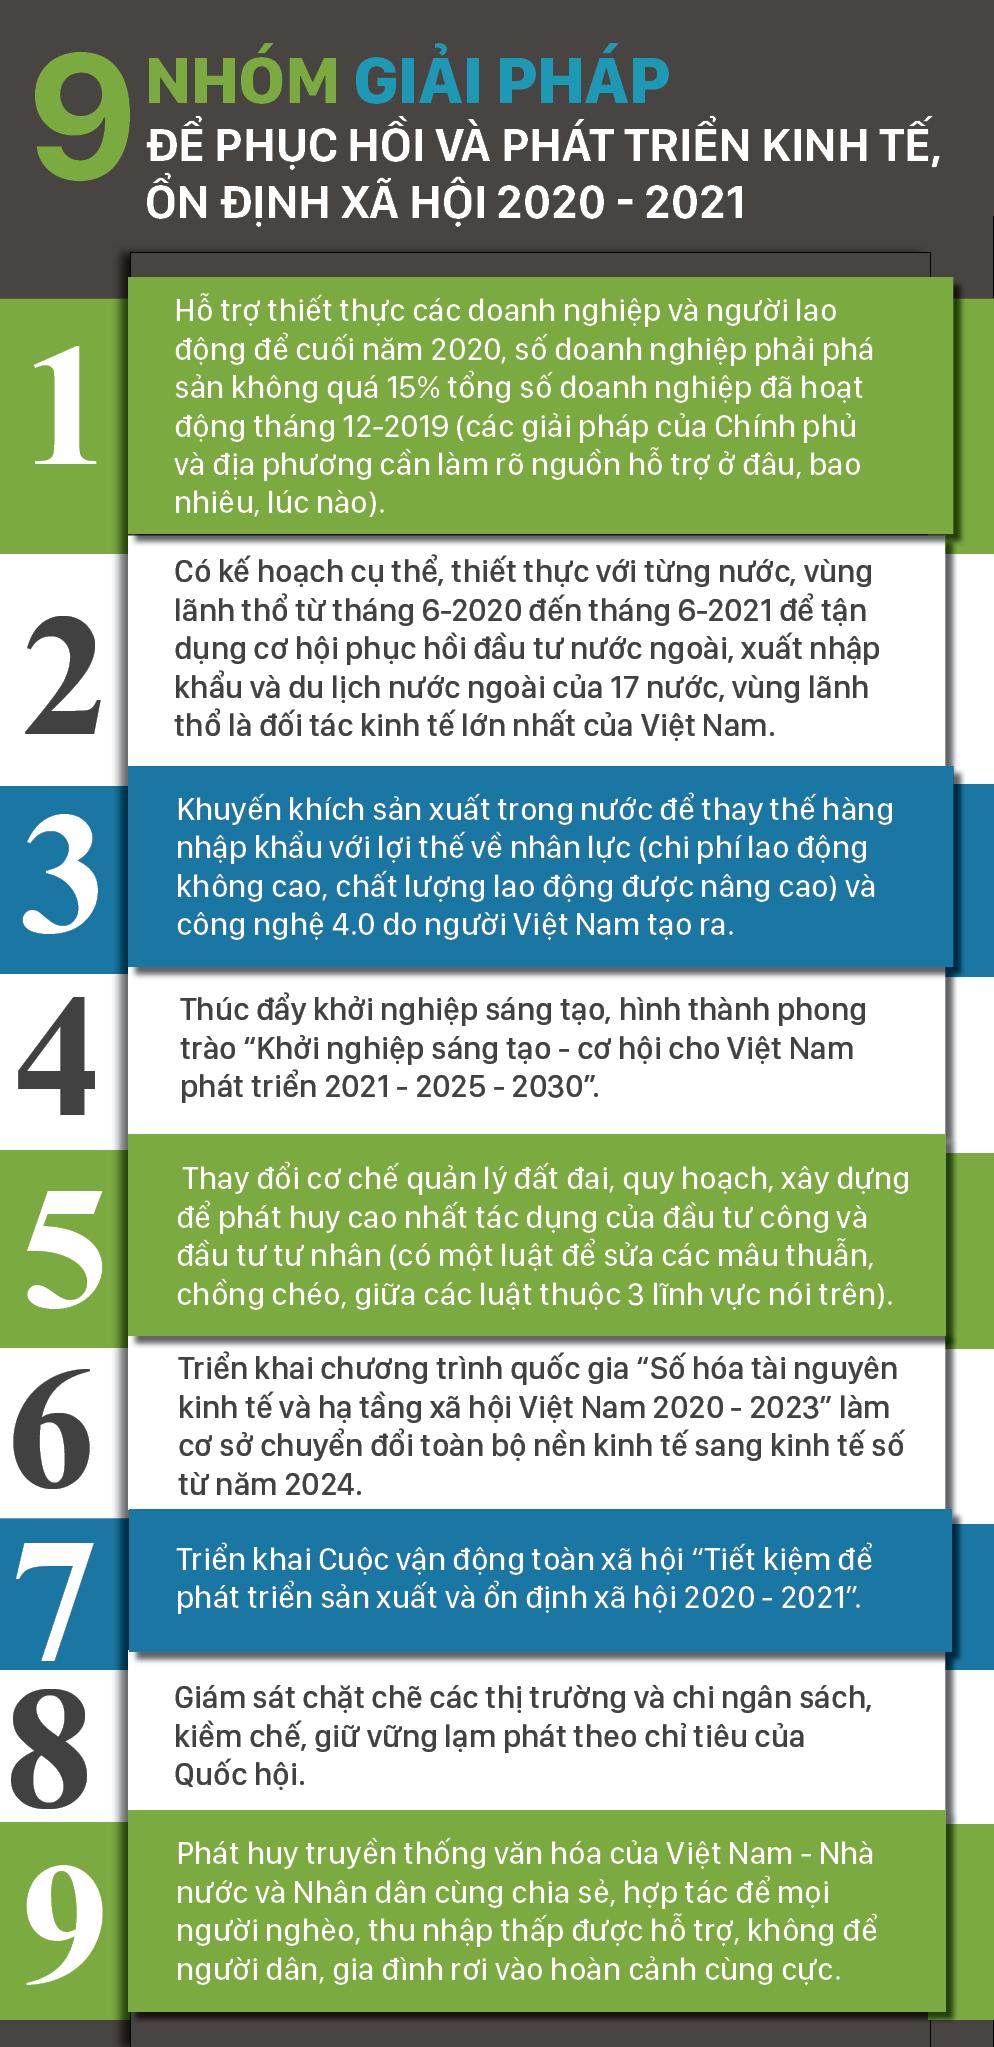 Diễn biến dịch COVID-19 trên thế giới và kiến nghị 9 nhóm giải pháp phục hồi phát triển kinh tế Việt Nam ảnh 15